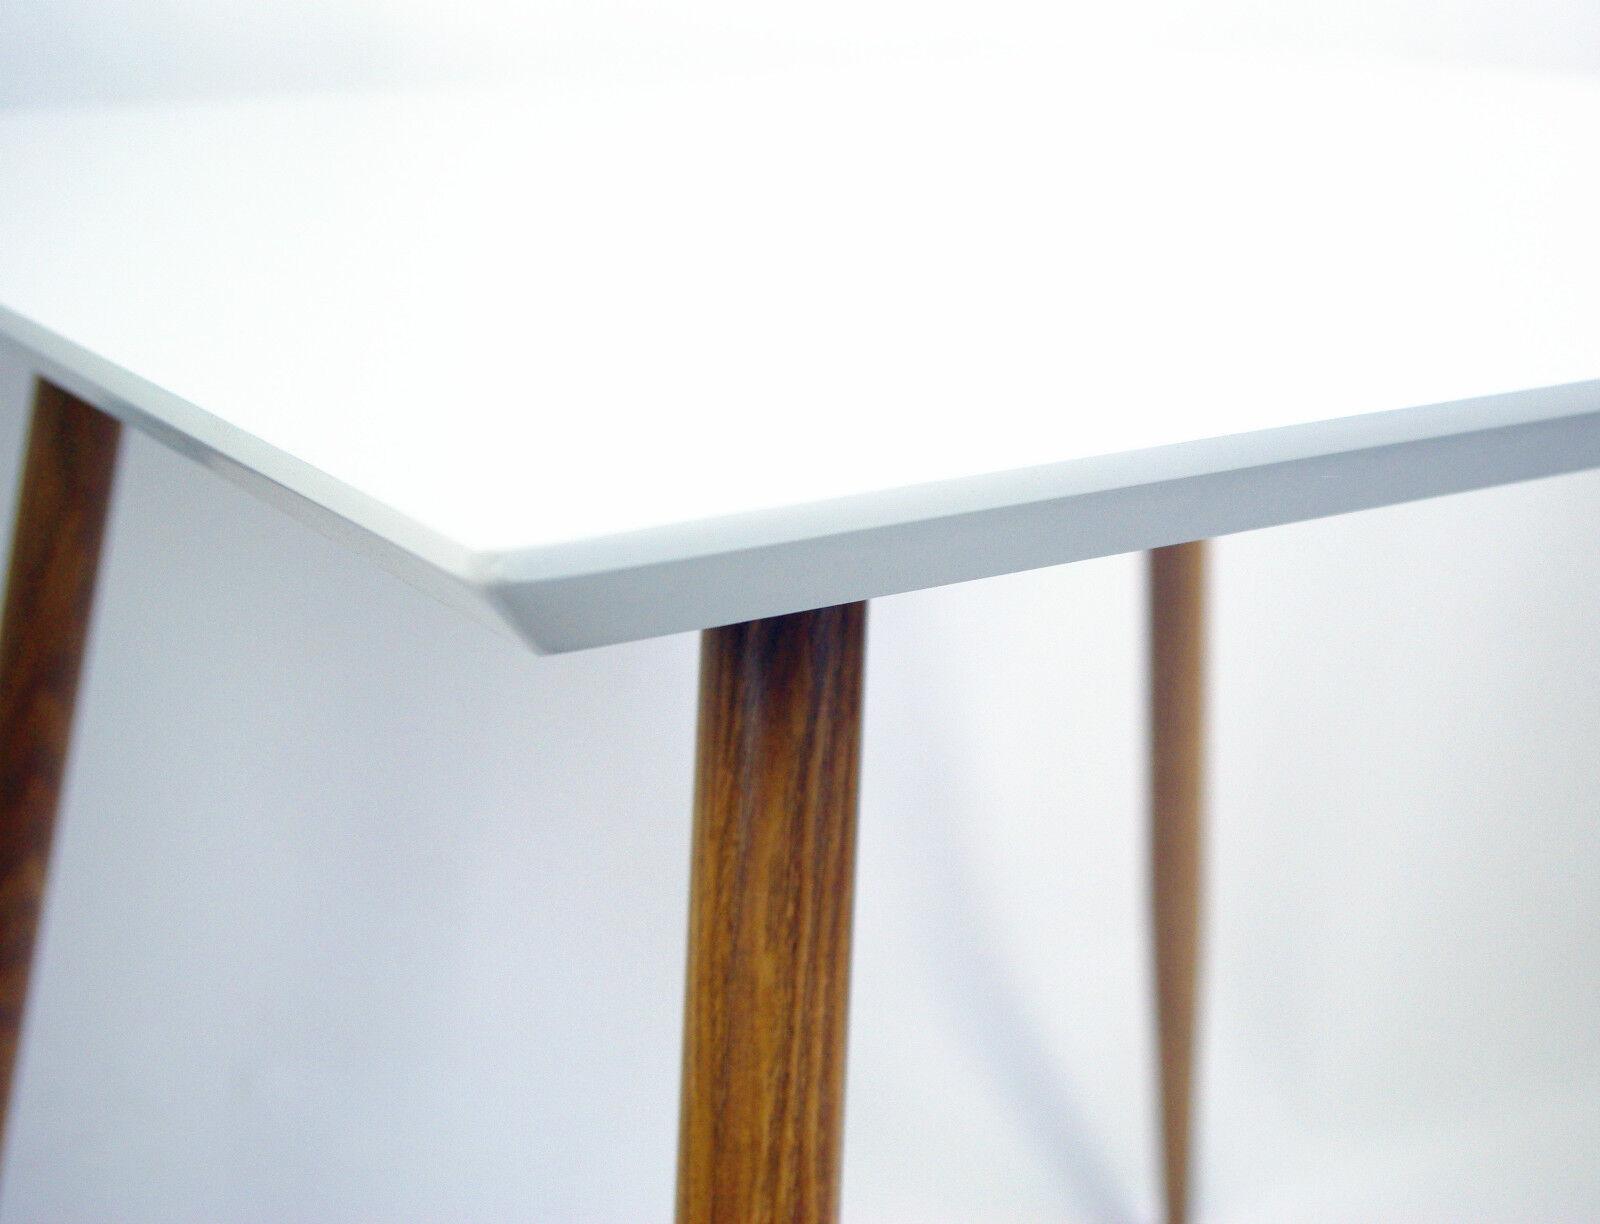 tisch esstisch k chentisch schreibtisch 80x80cm holz. Black Bedroom Furniture Sets. Home Design Ideas